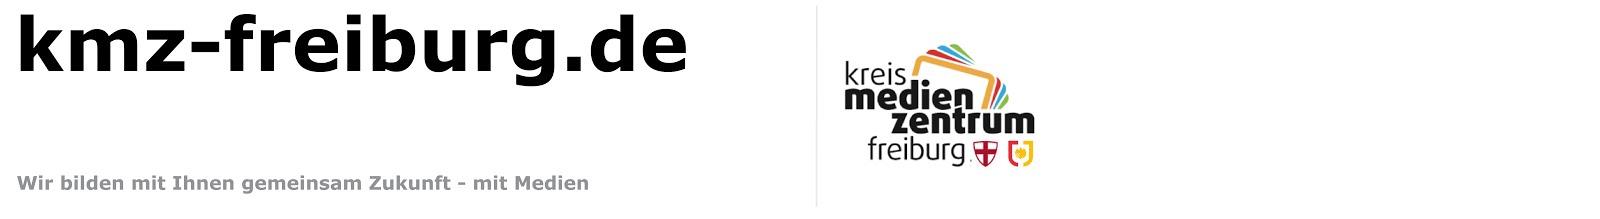 kmz-freiburg.de